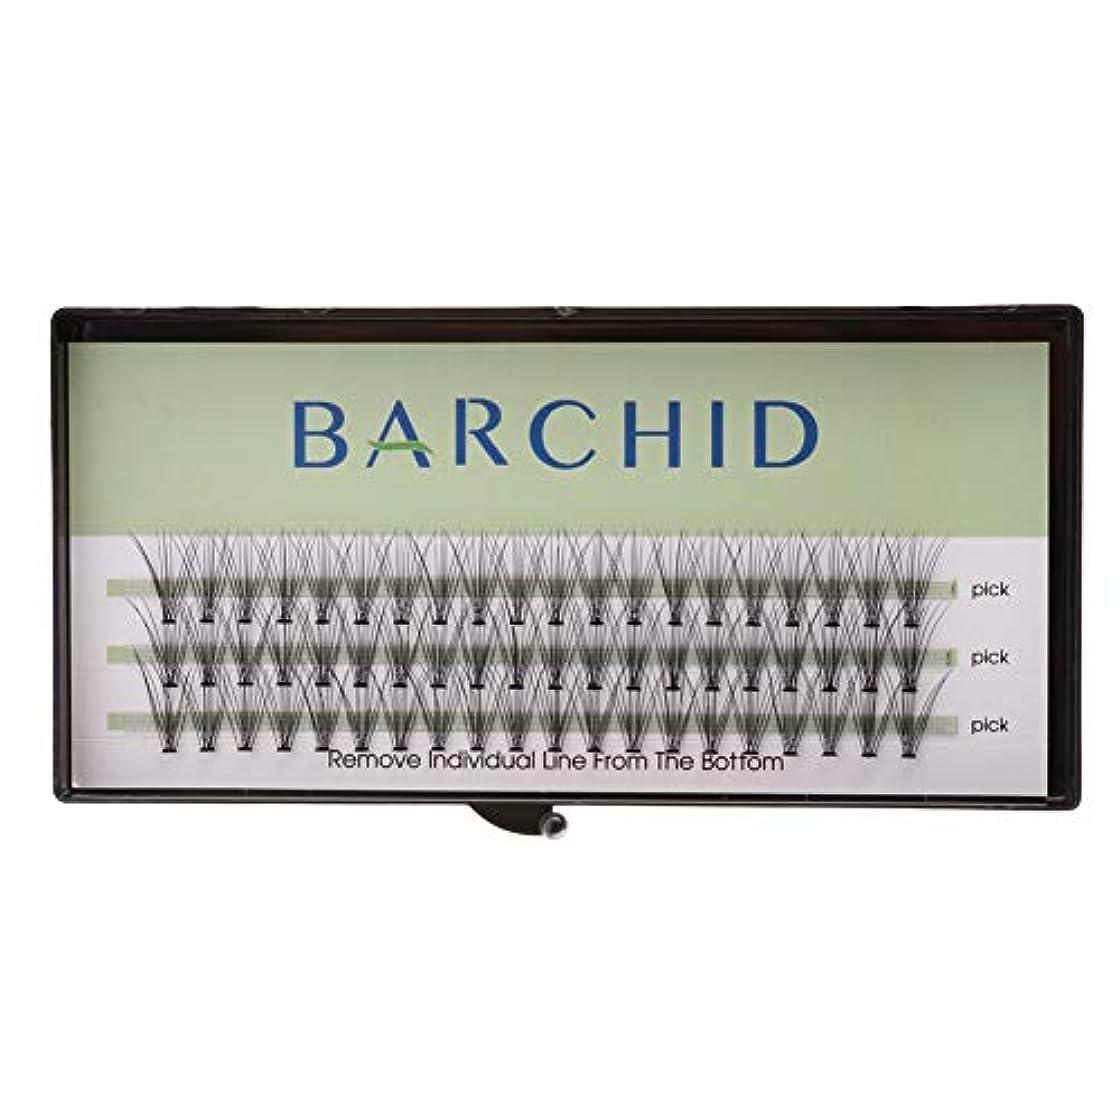 かけがえのないつば可能BARCHID つけまつげ ナチュラルつけまつげ高品質 まつげエクステ フレアセルフ用 超極細素材 太さ0.07mm 12mm Cカール マツエク10本束セルフマツエク キット